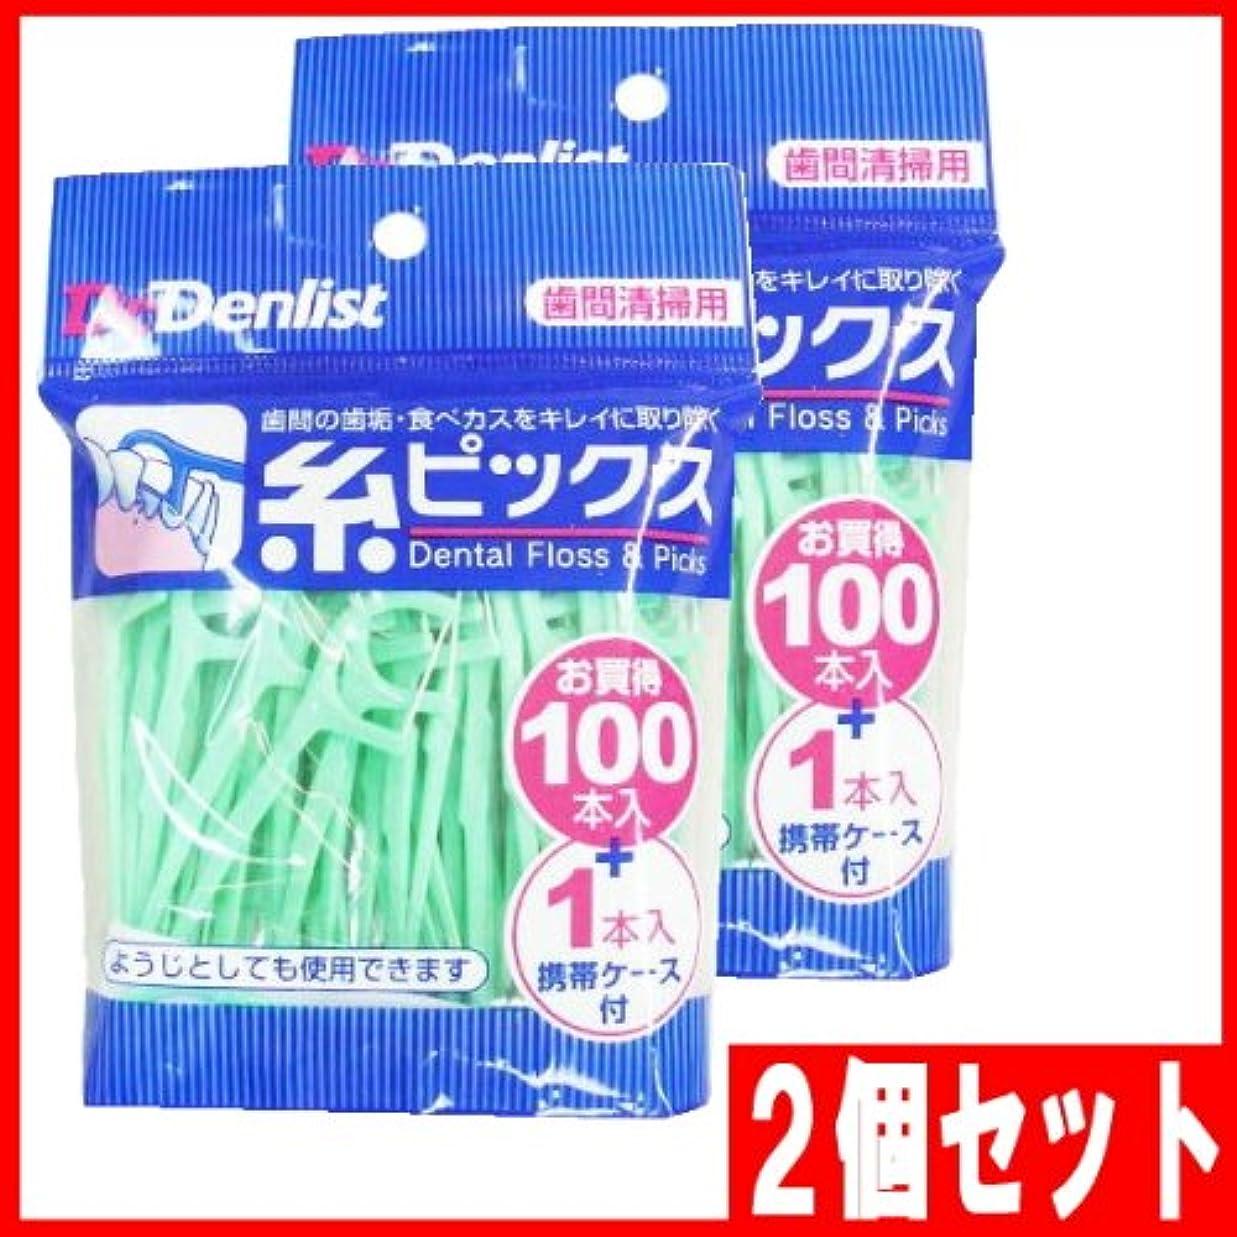 バス許す成熟したDr.デンリスト 糸ピックス(歯間清掃用) 100本+1本(携帯ケース付) 2個セット